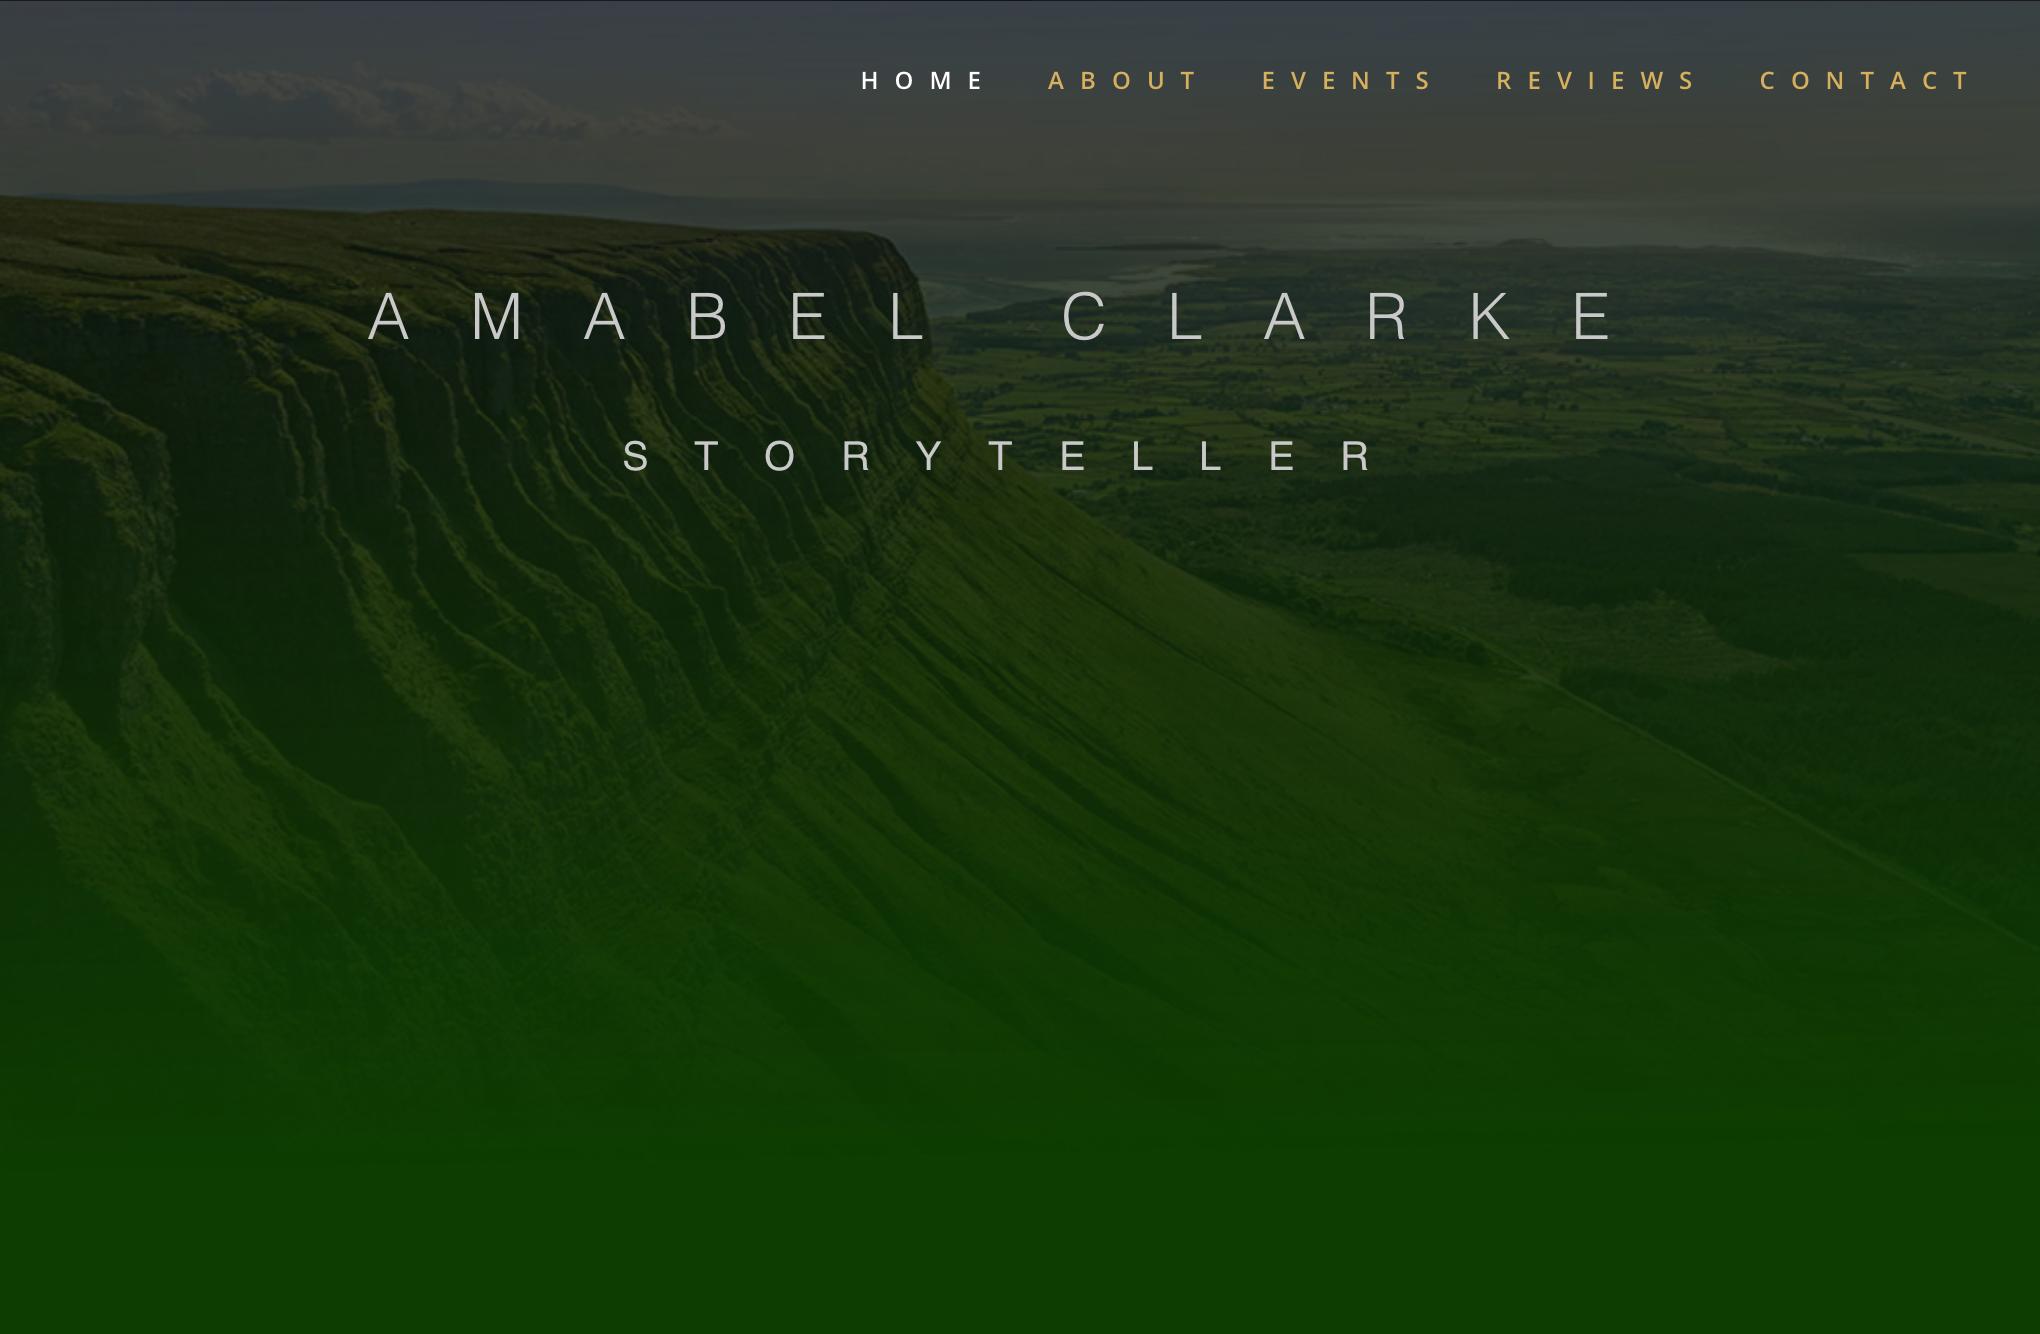 amabel clarke storyteller